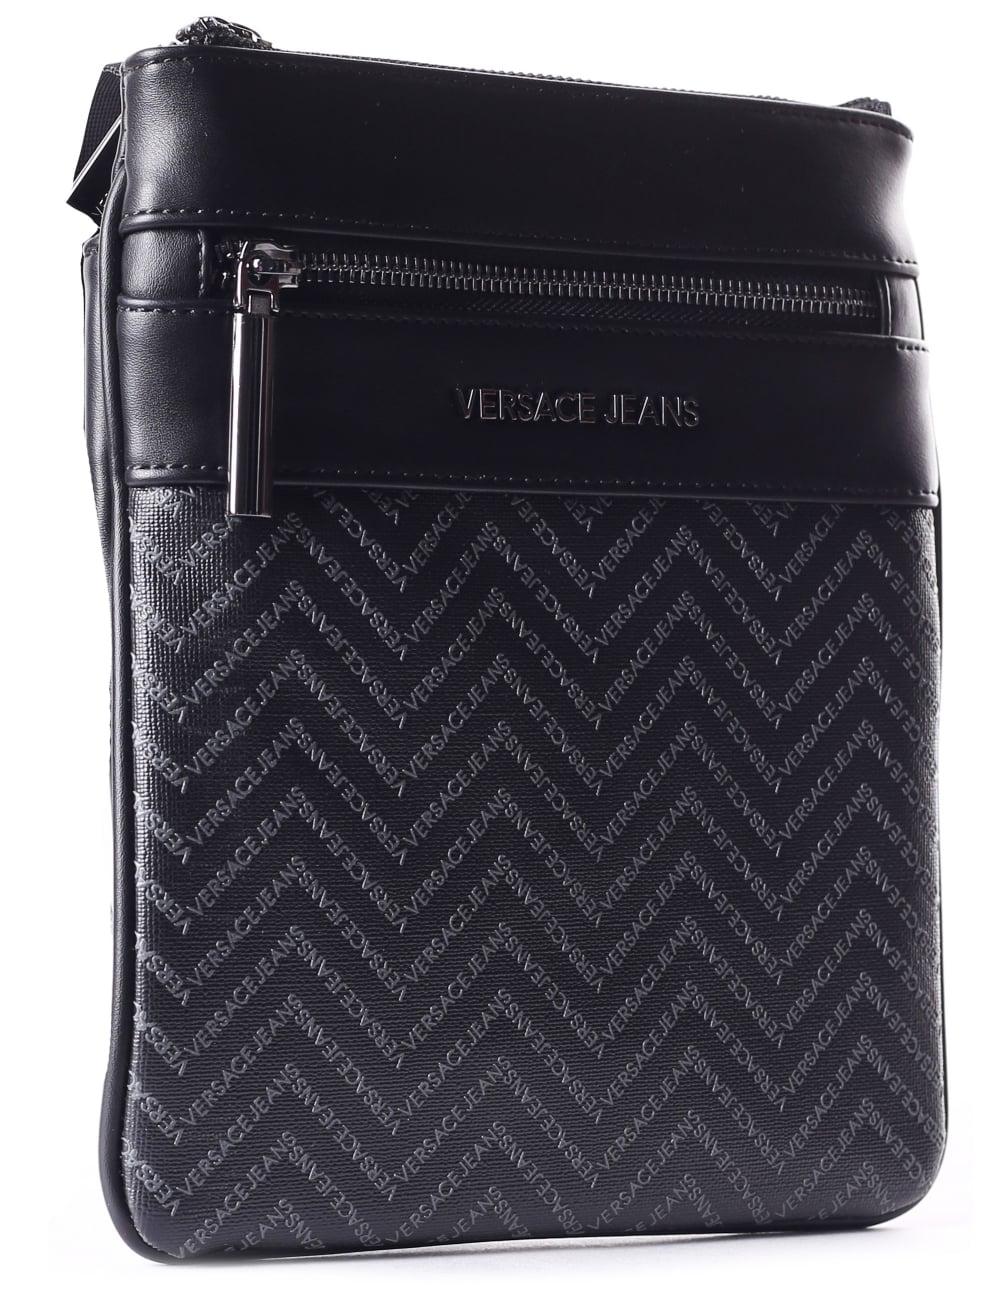 detailed look new varieties provide plenty of Versace Jeans Men's Crossbody Satchel Bag